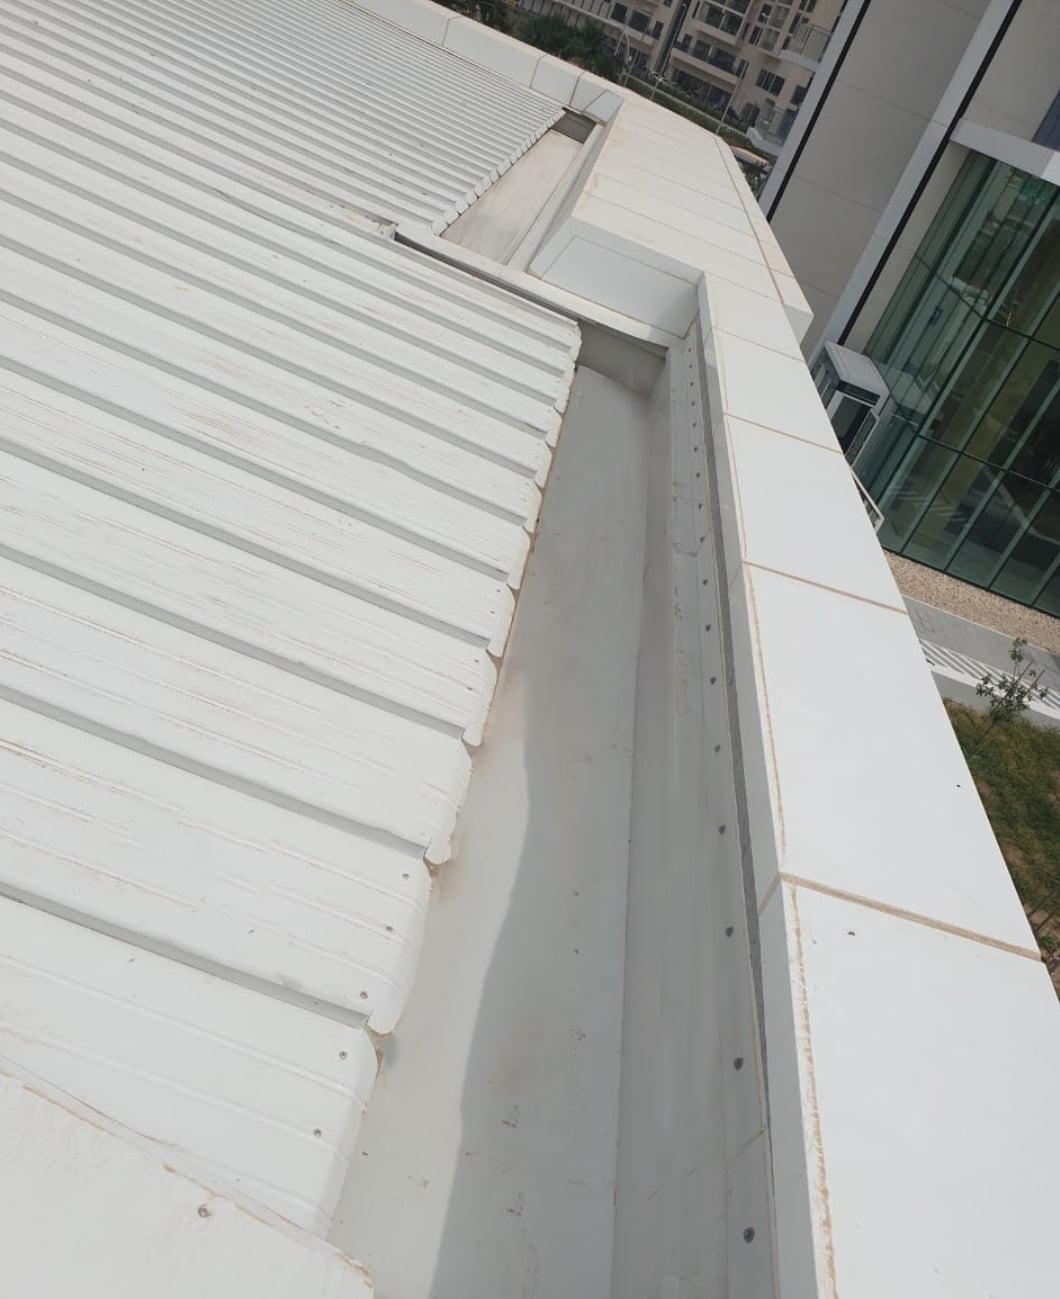 Roofing Materials uae